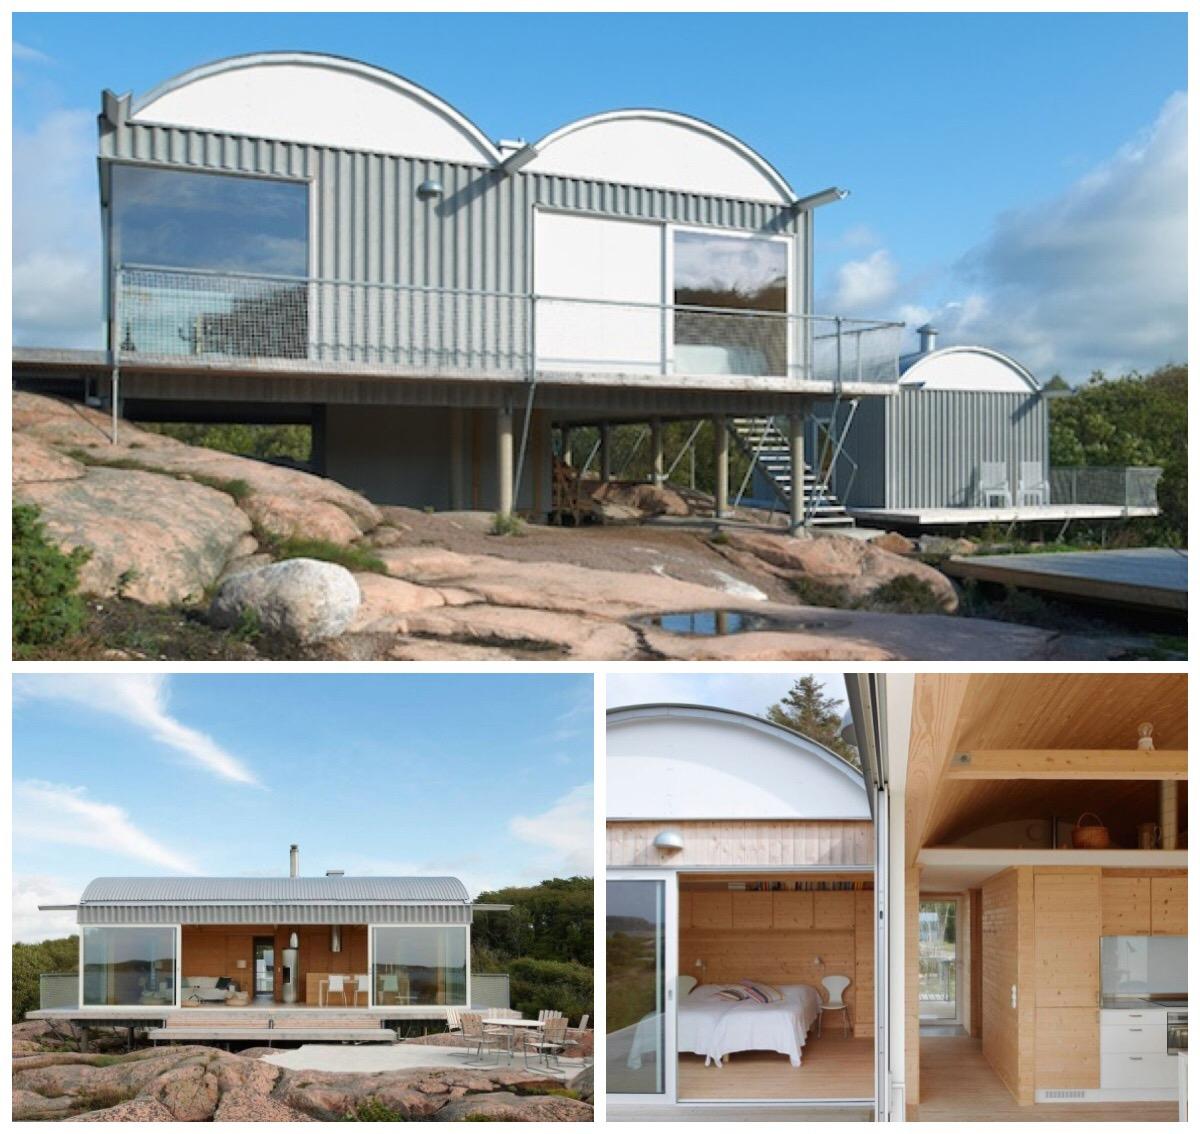 Summer house on stilts